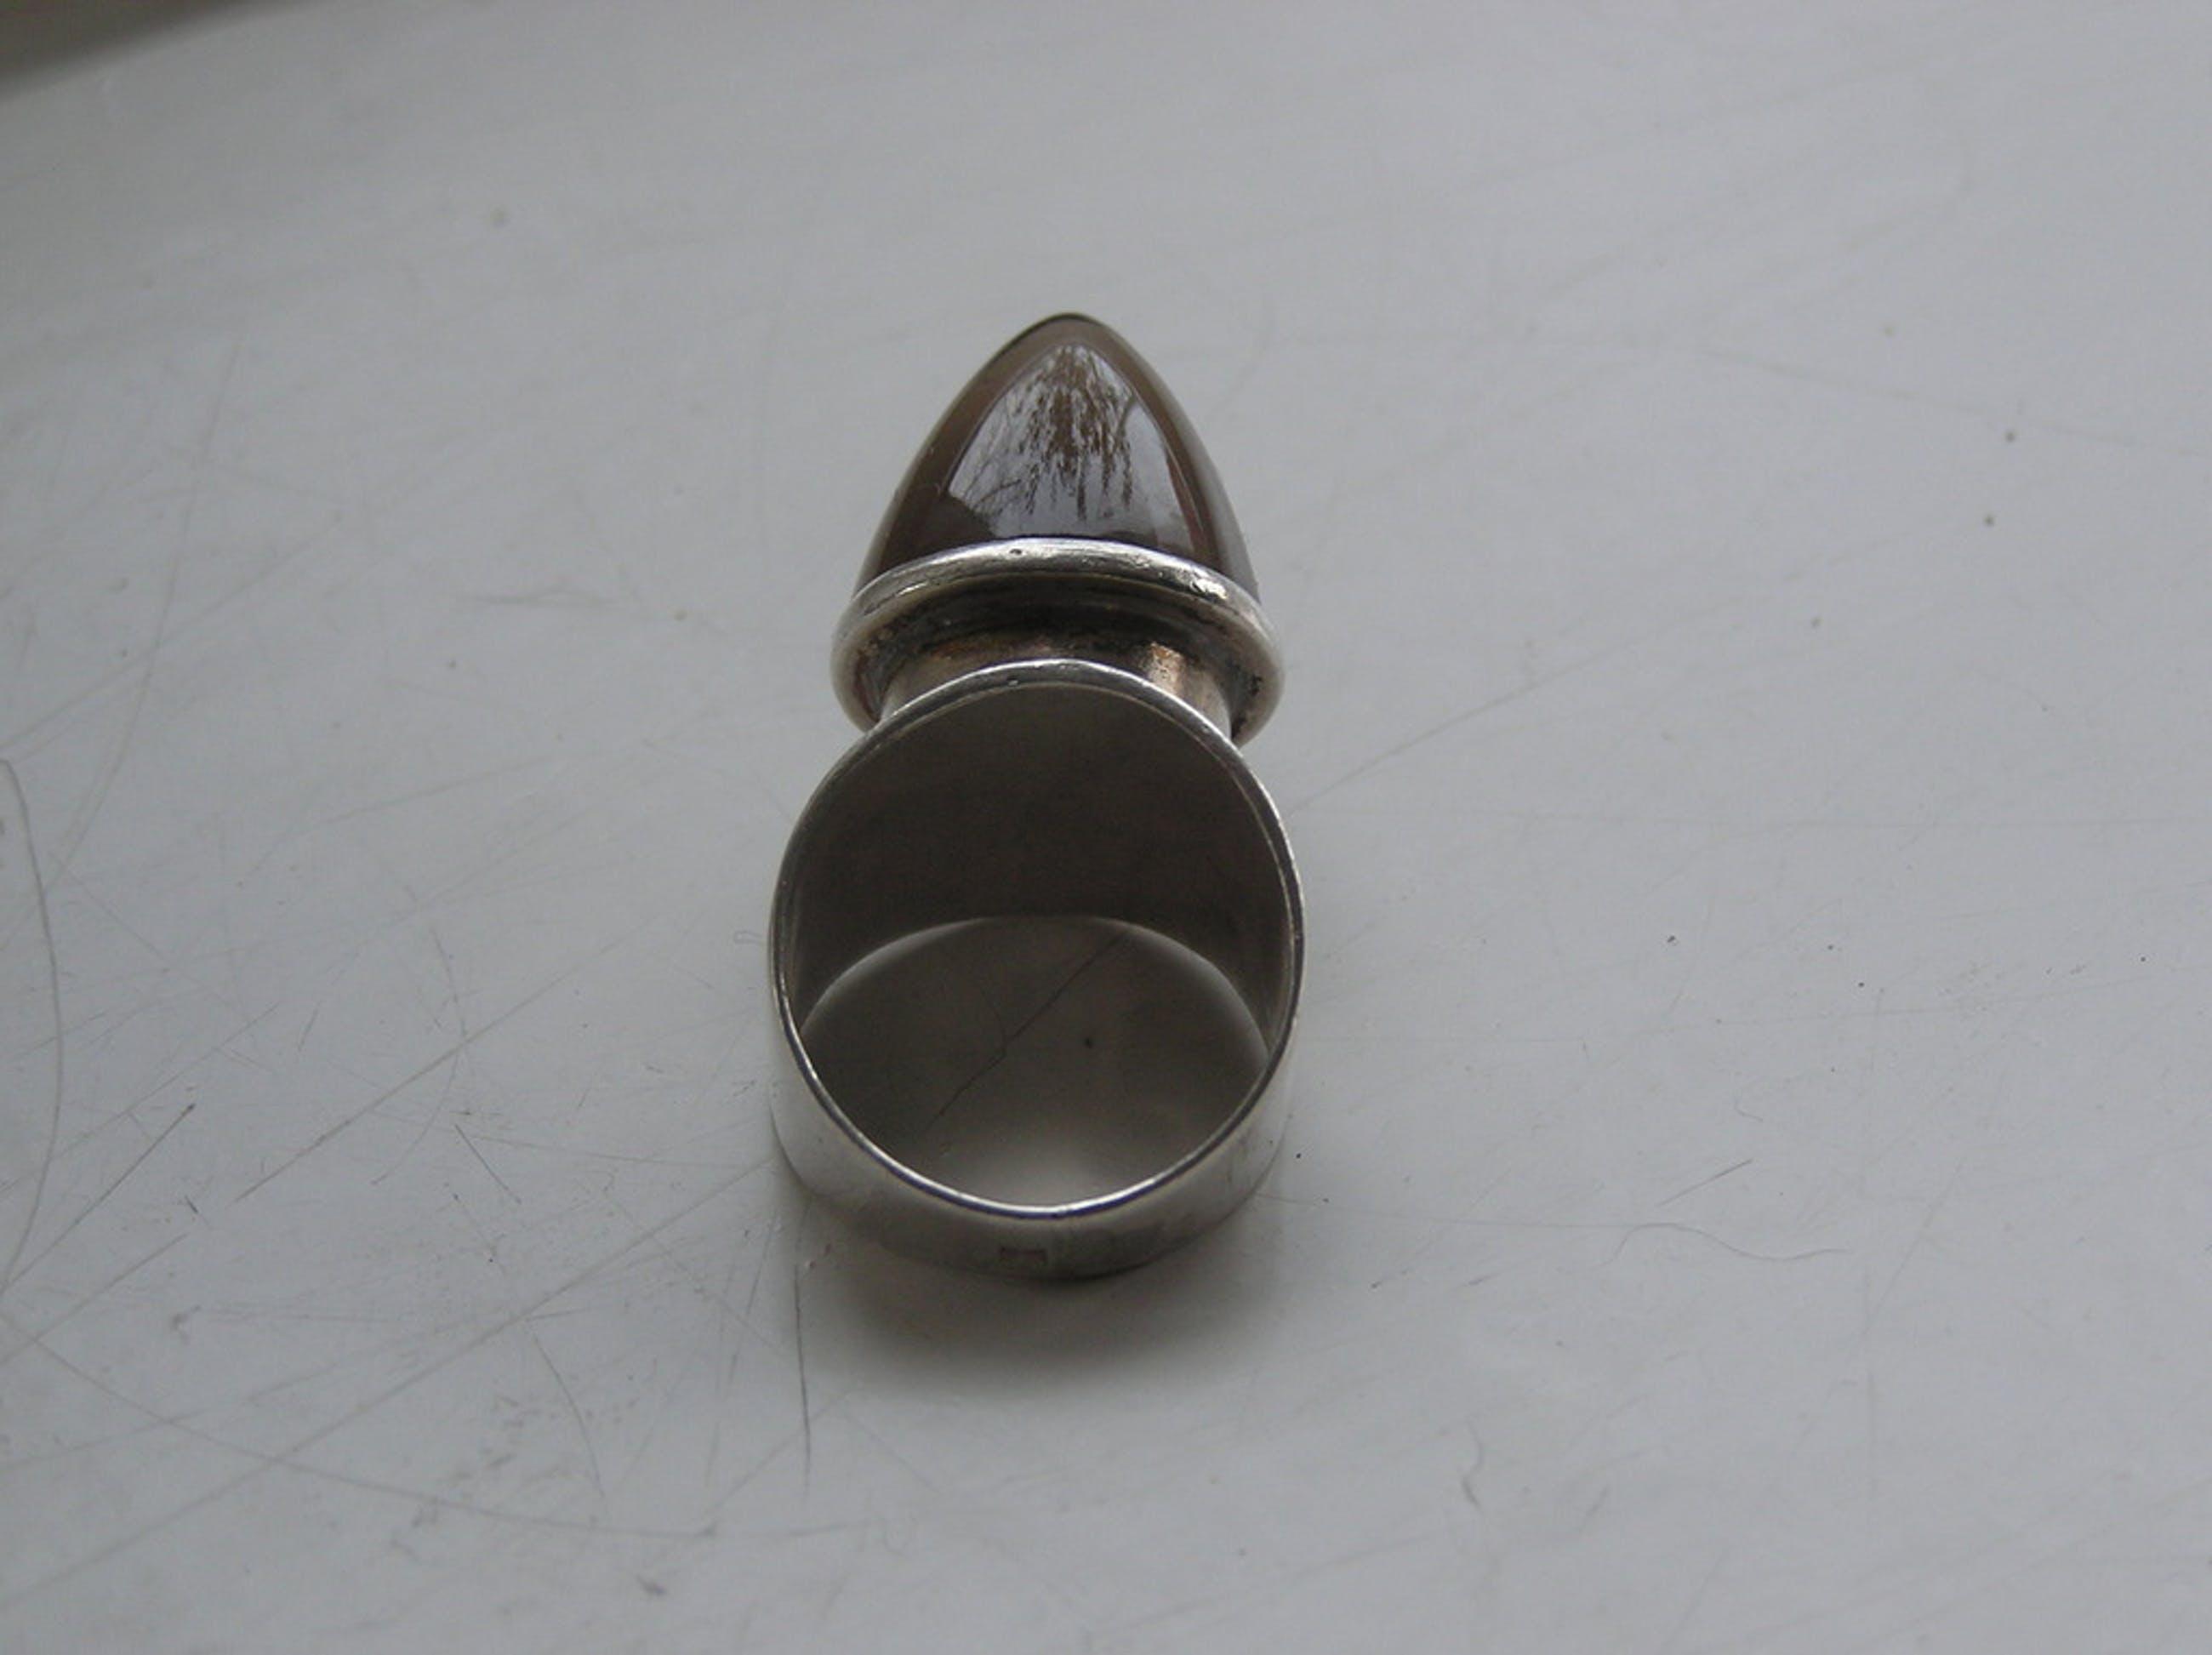 Zilveren damesring bezet met puntgeslepen topaas kopen? Bied vanaf 1!